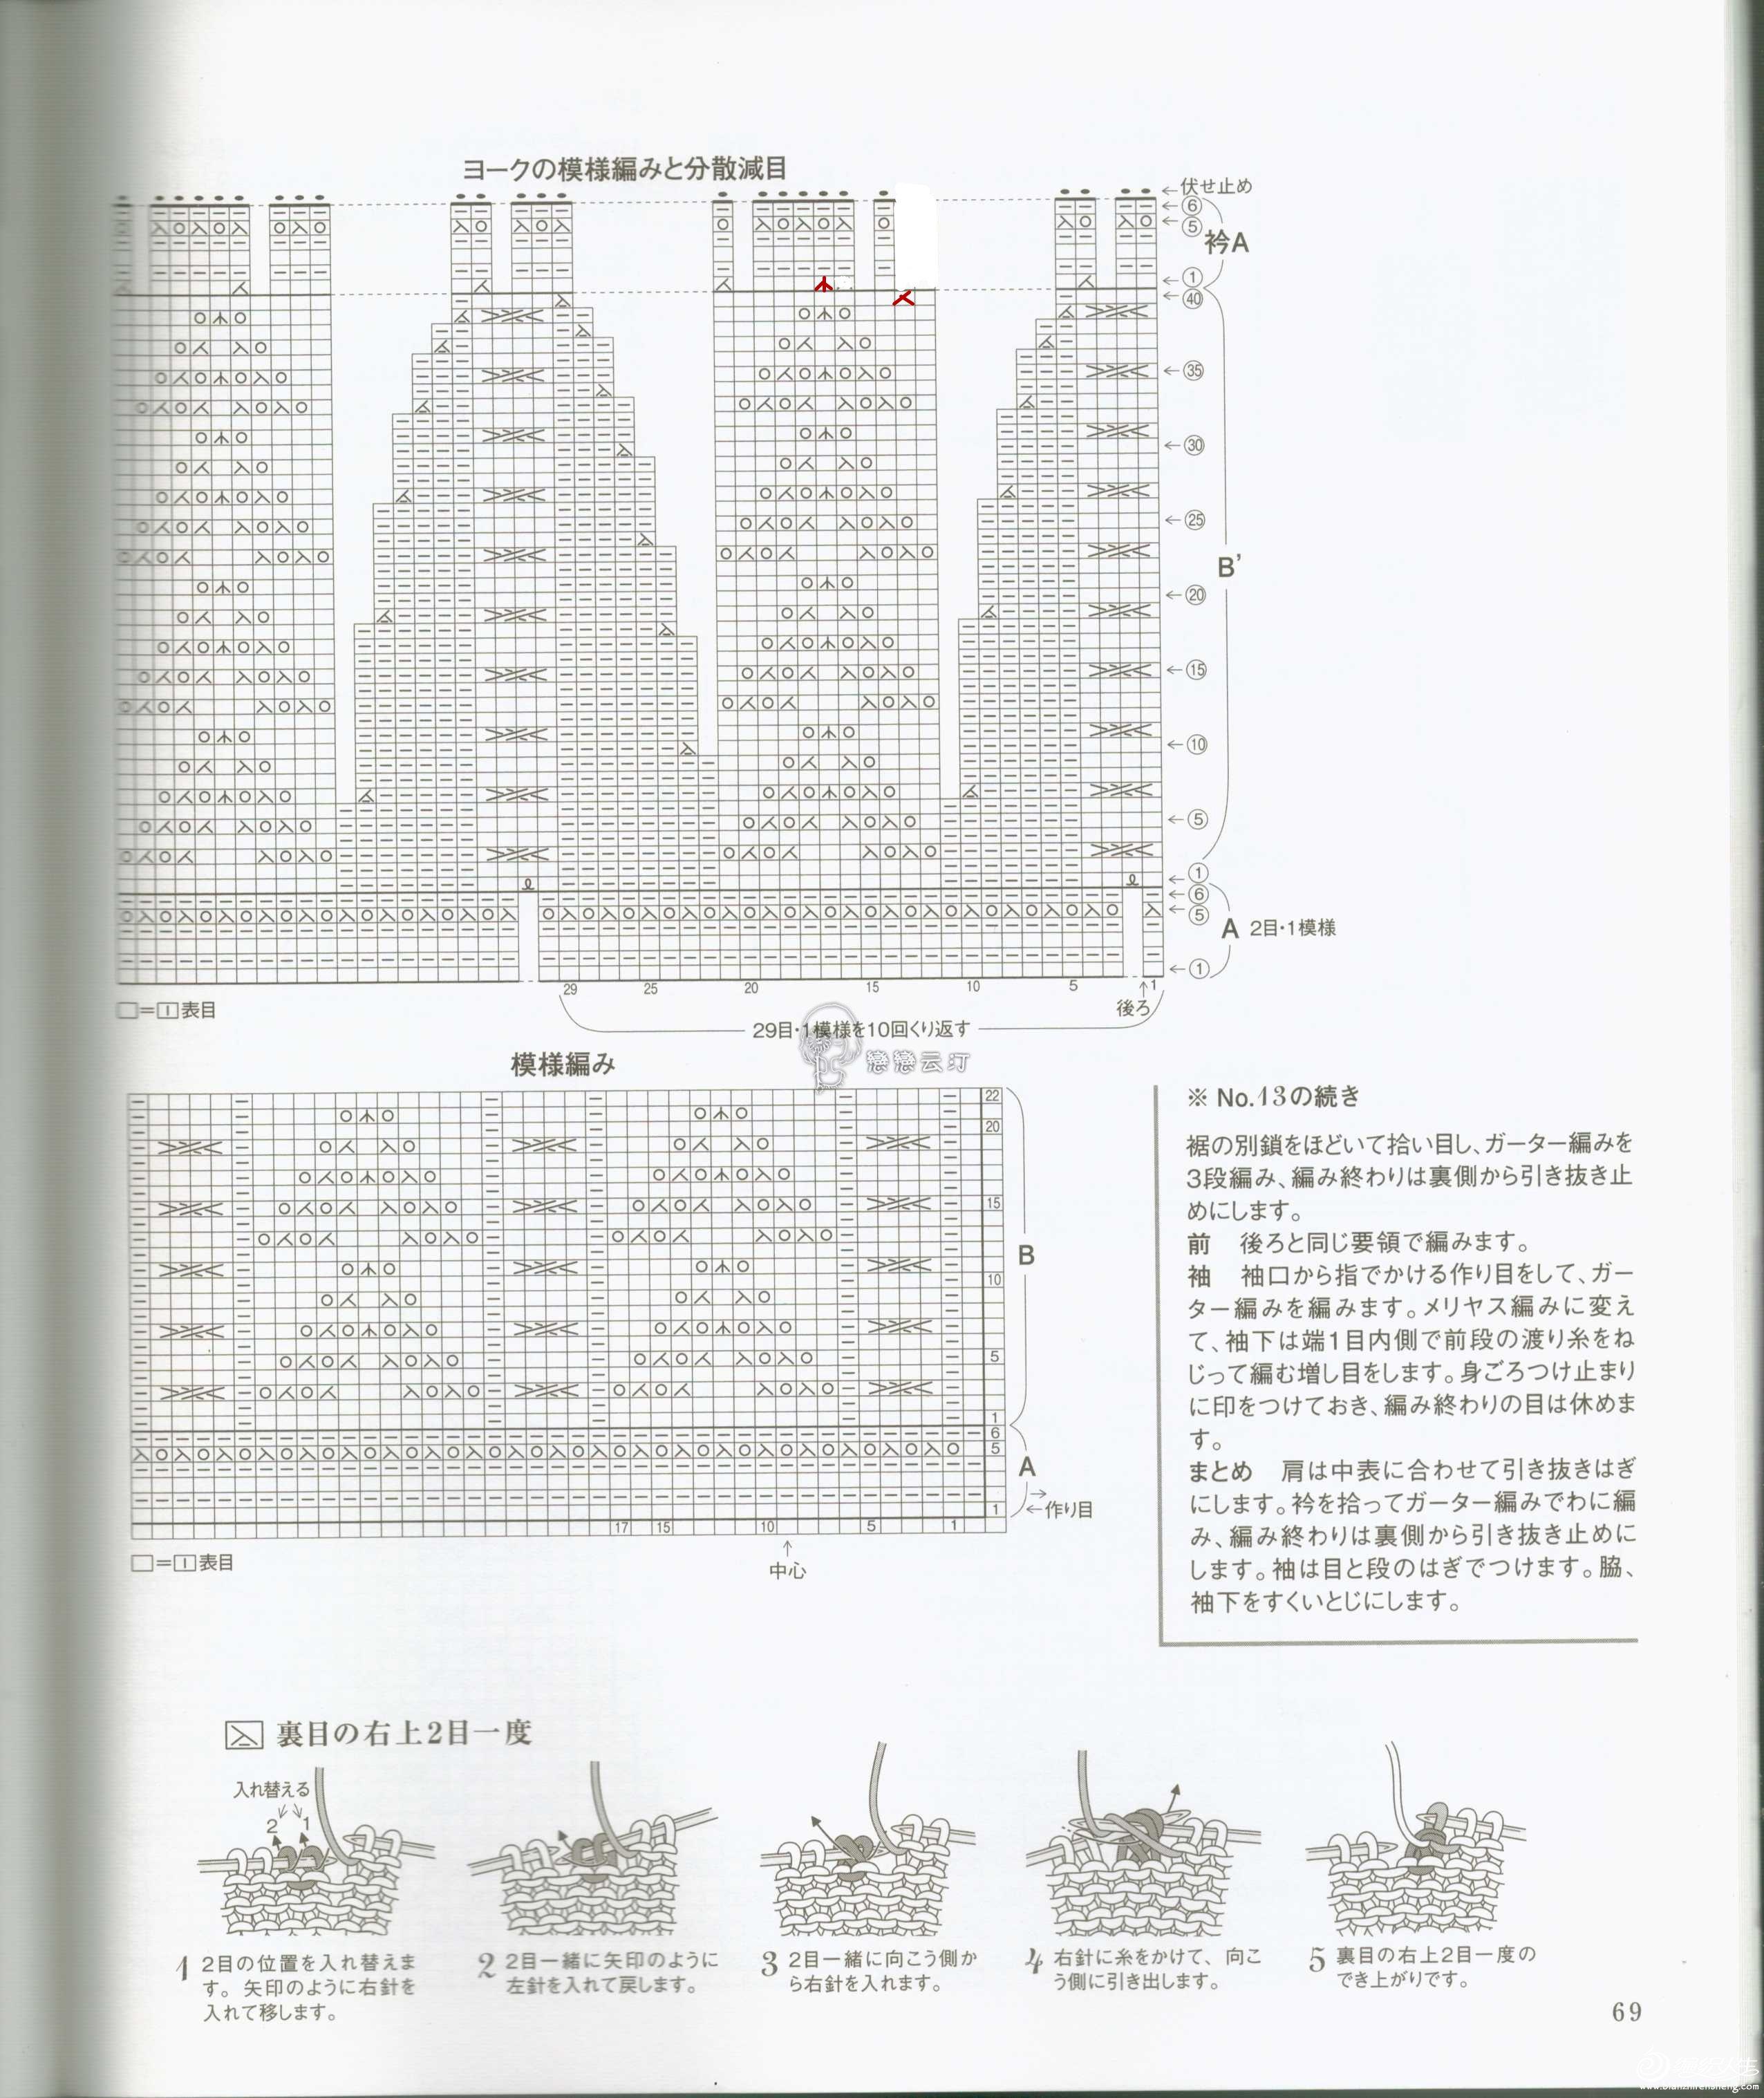 轻语图解03(修改后).jpg